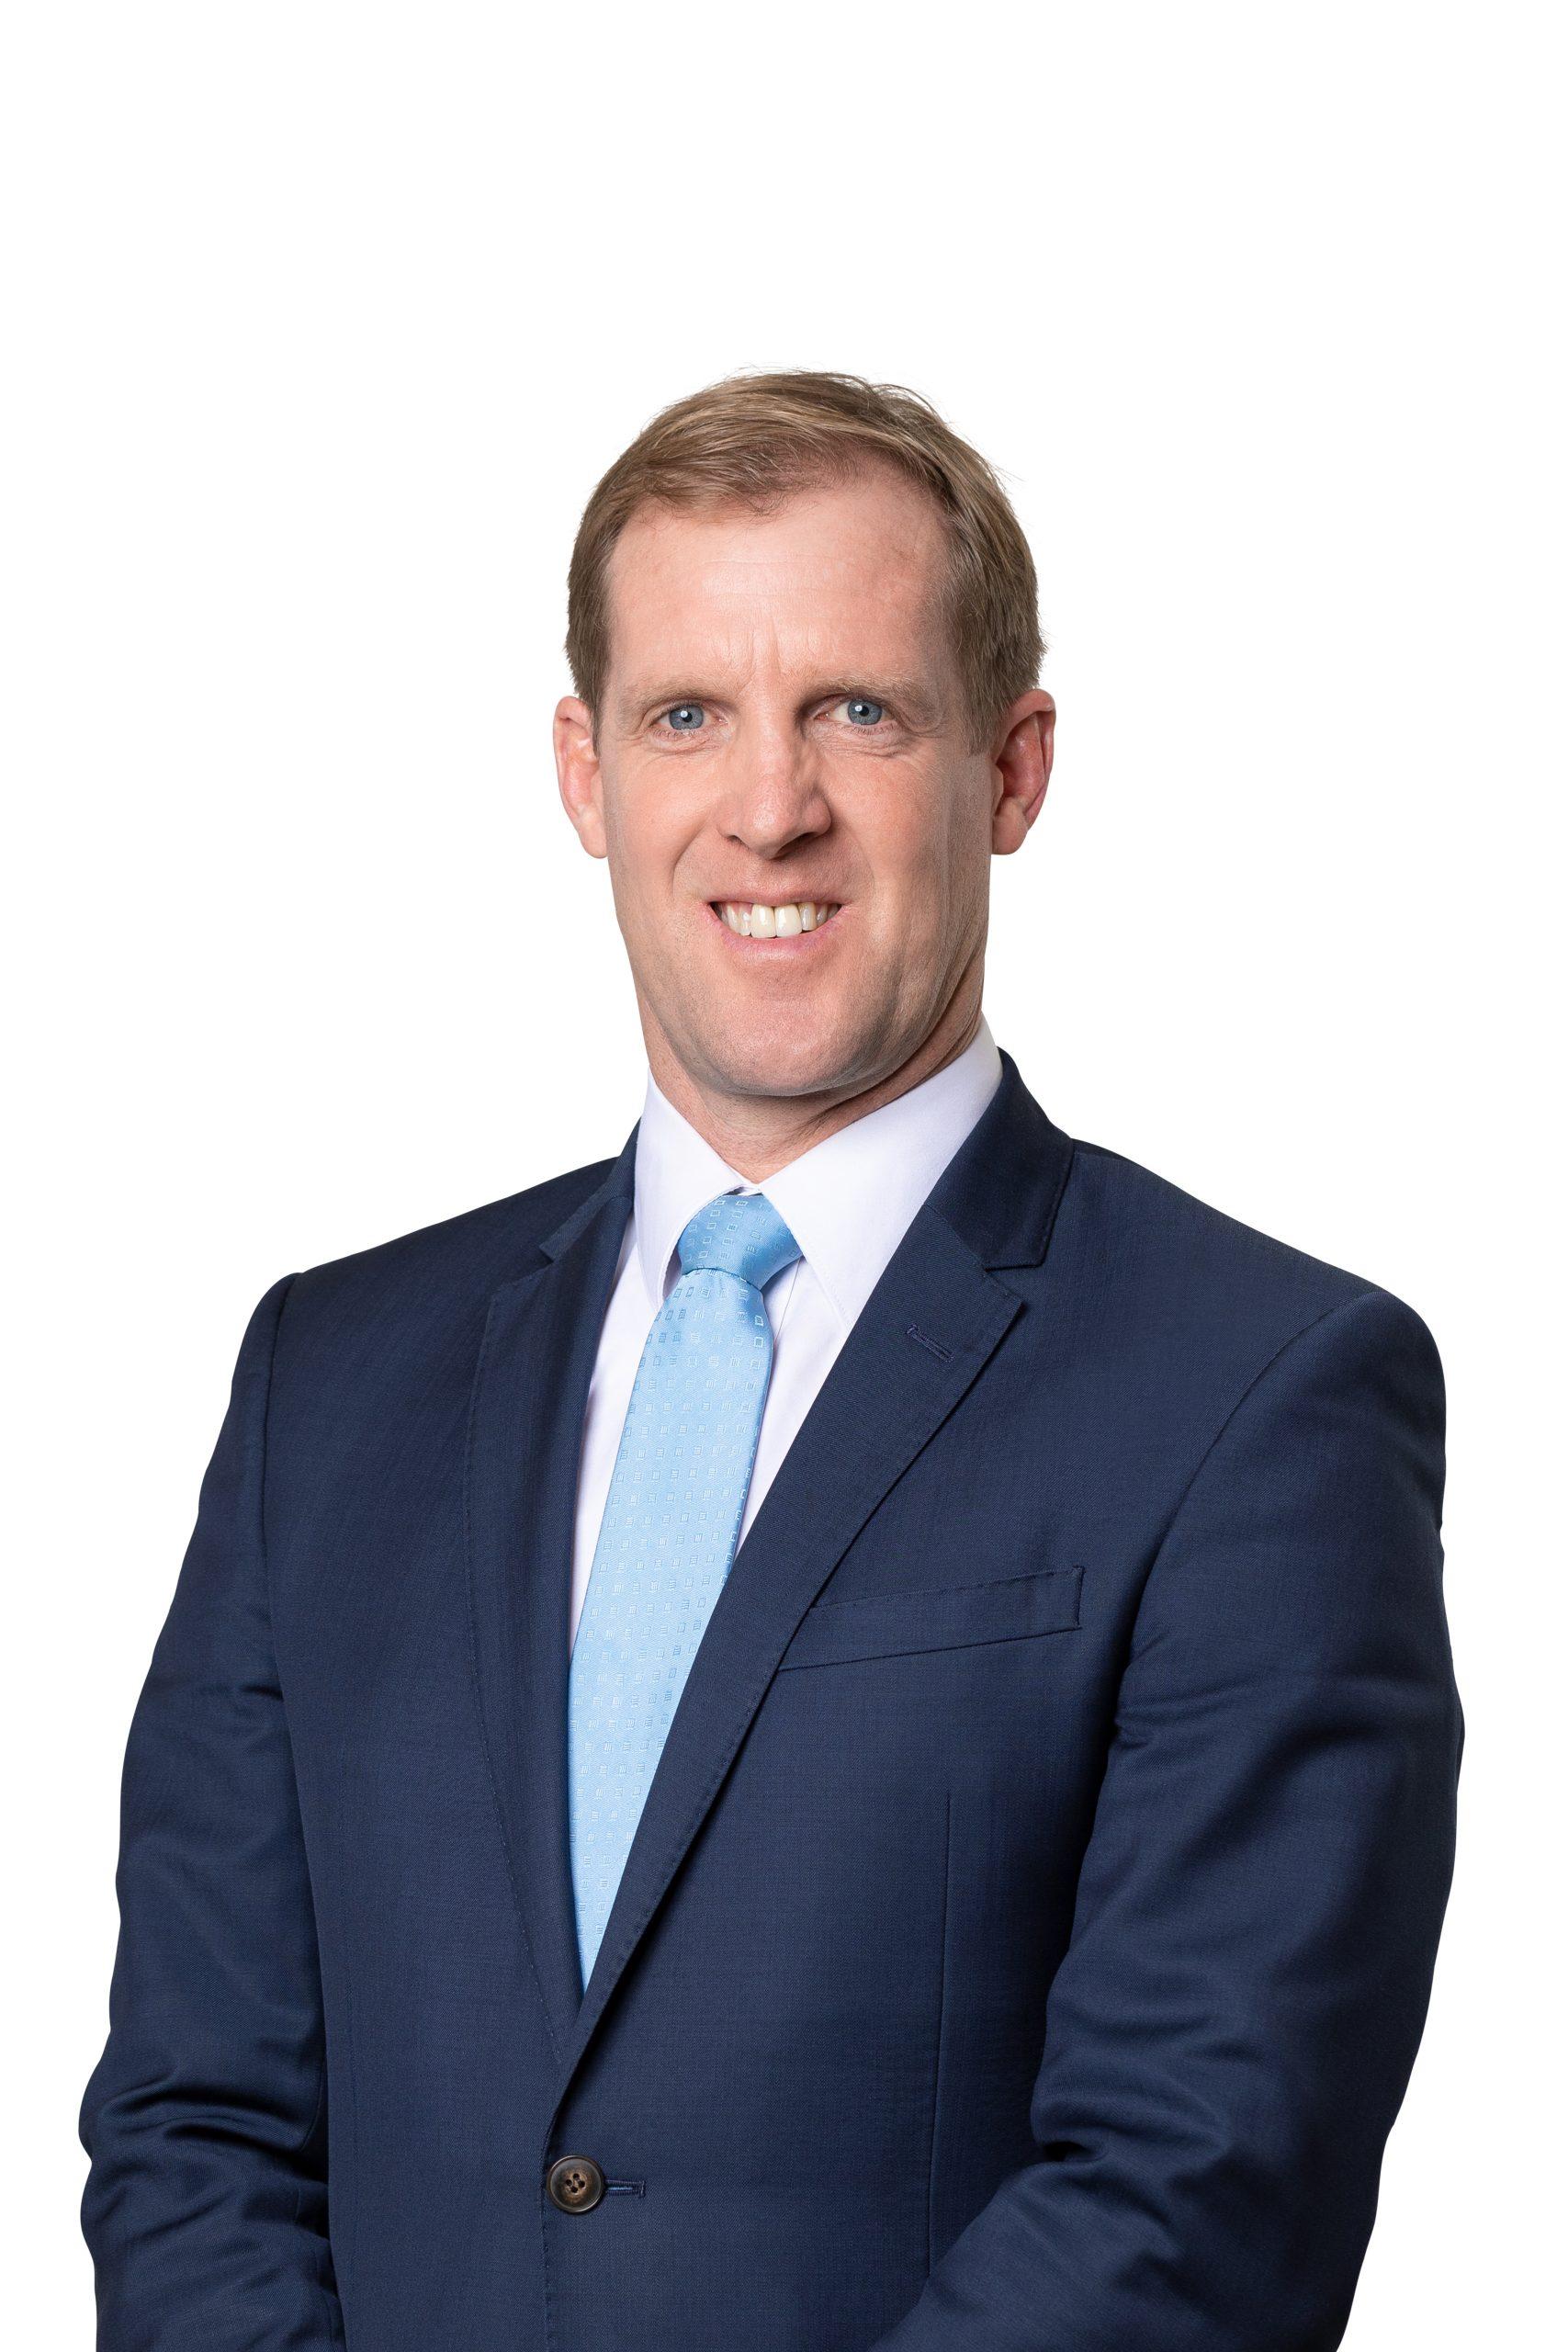 Portrait image of Stephen Patterson